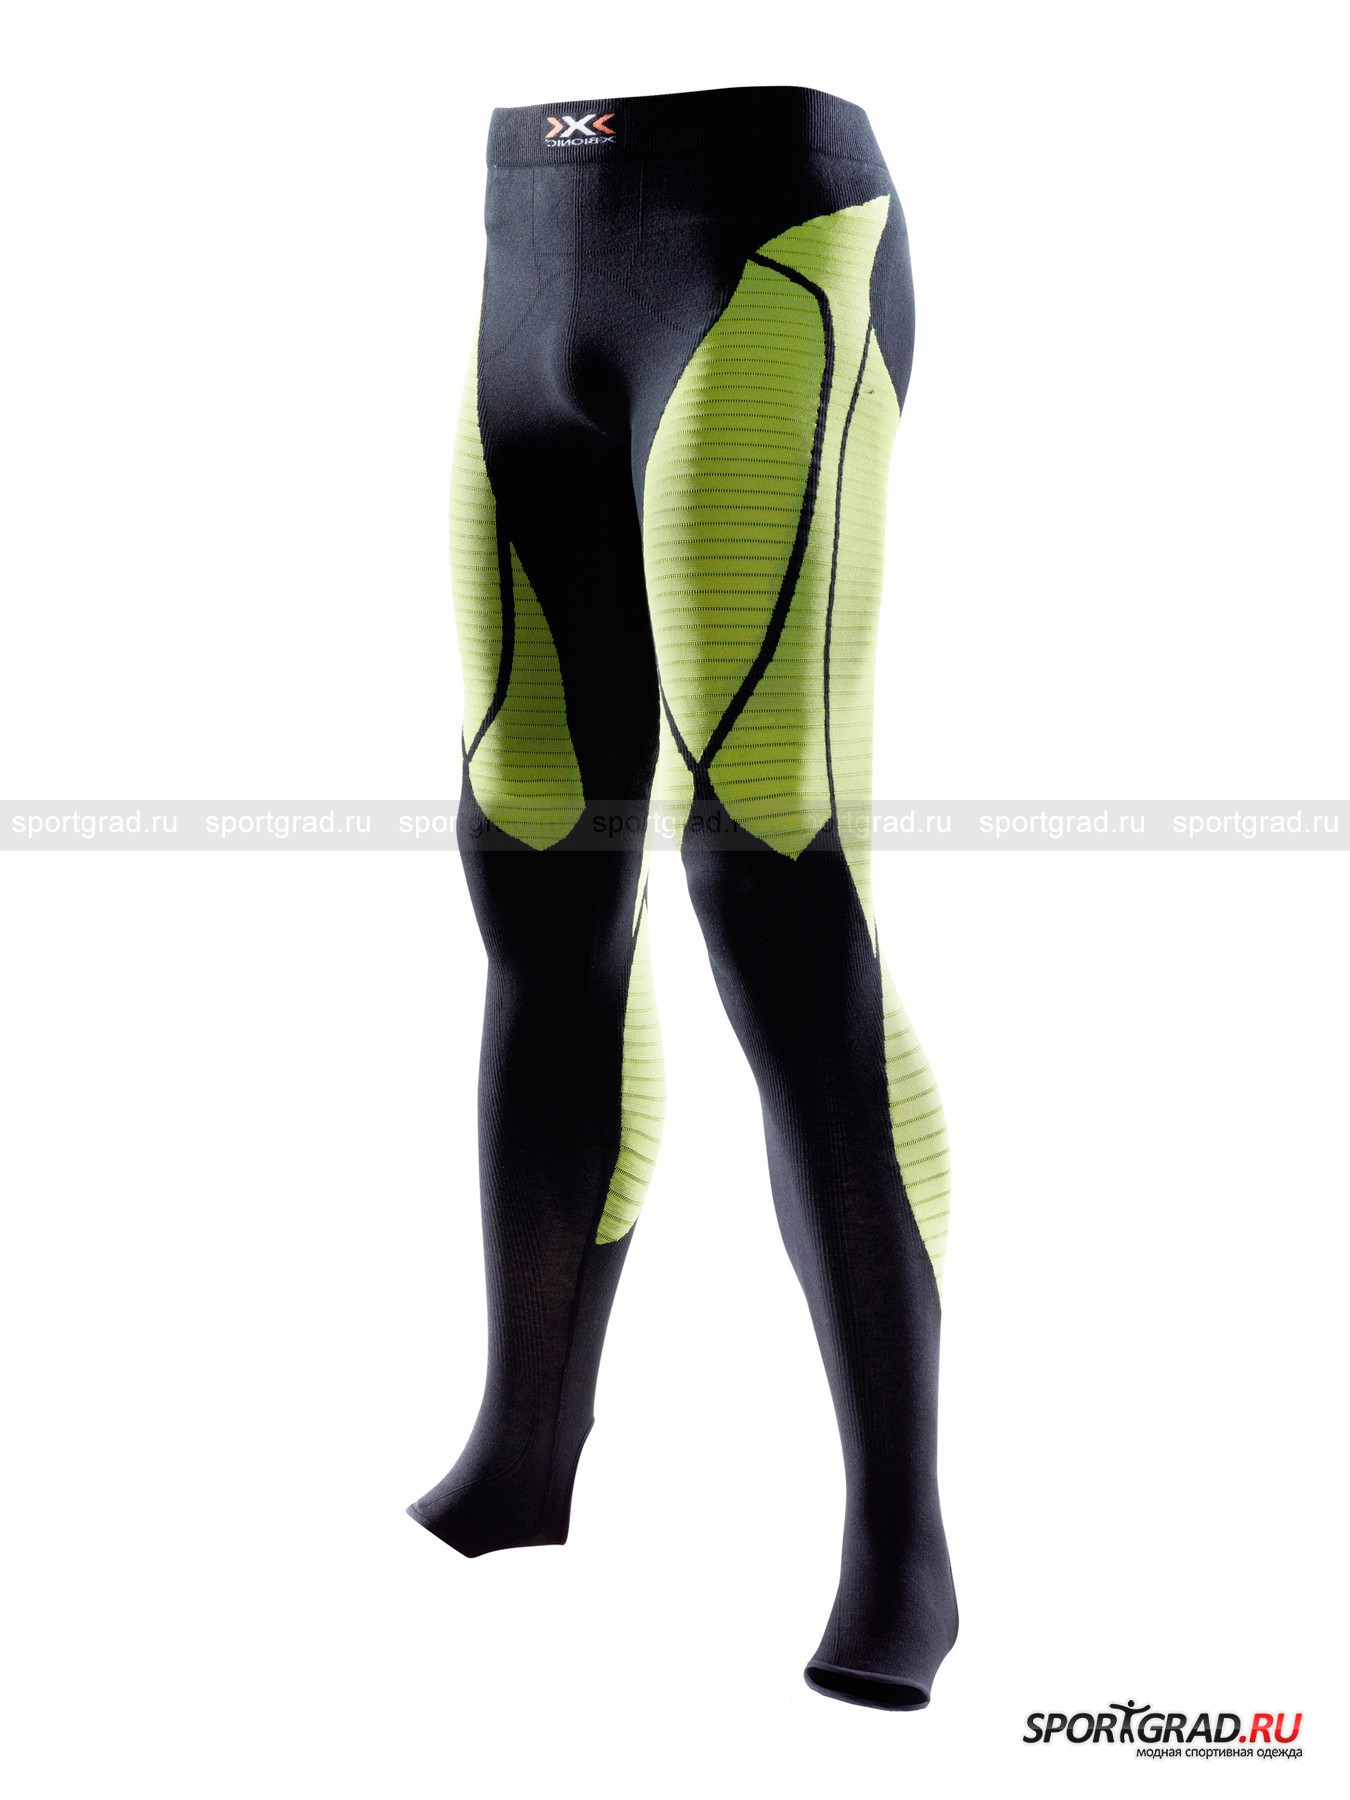 Белье: термолеггинсы мужские Precuperation Pant long X-BIONIC для сна и отдыха